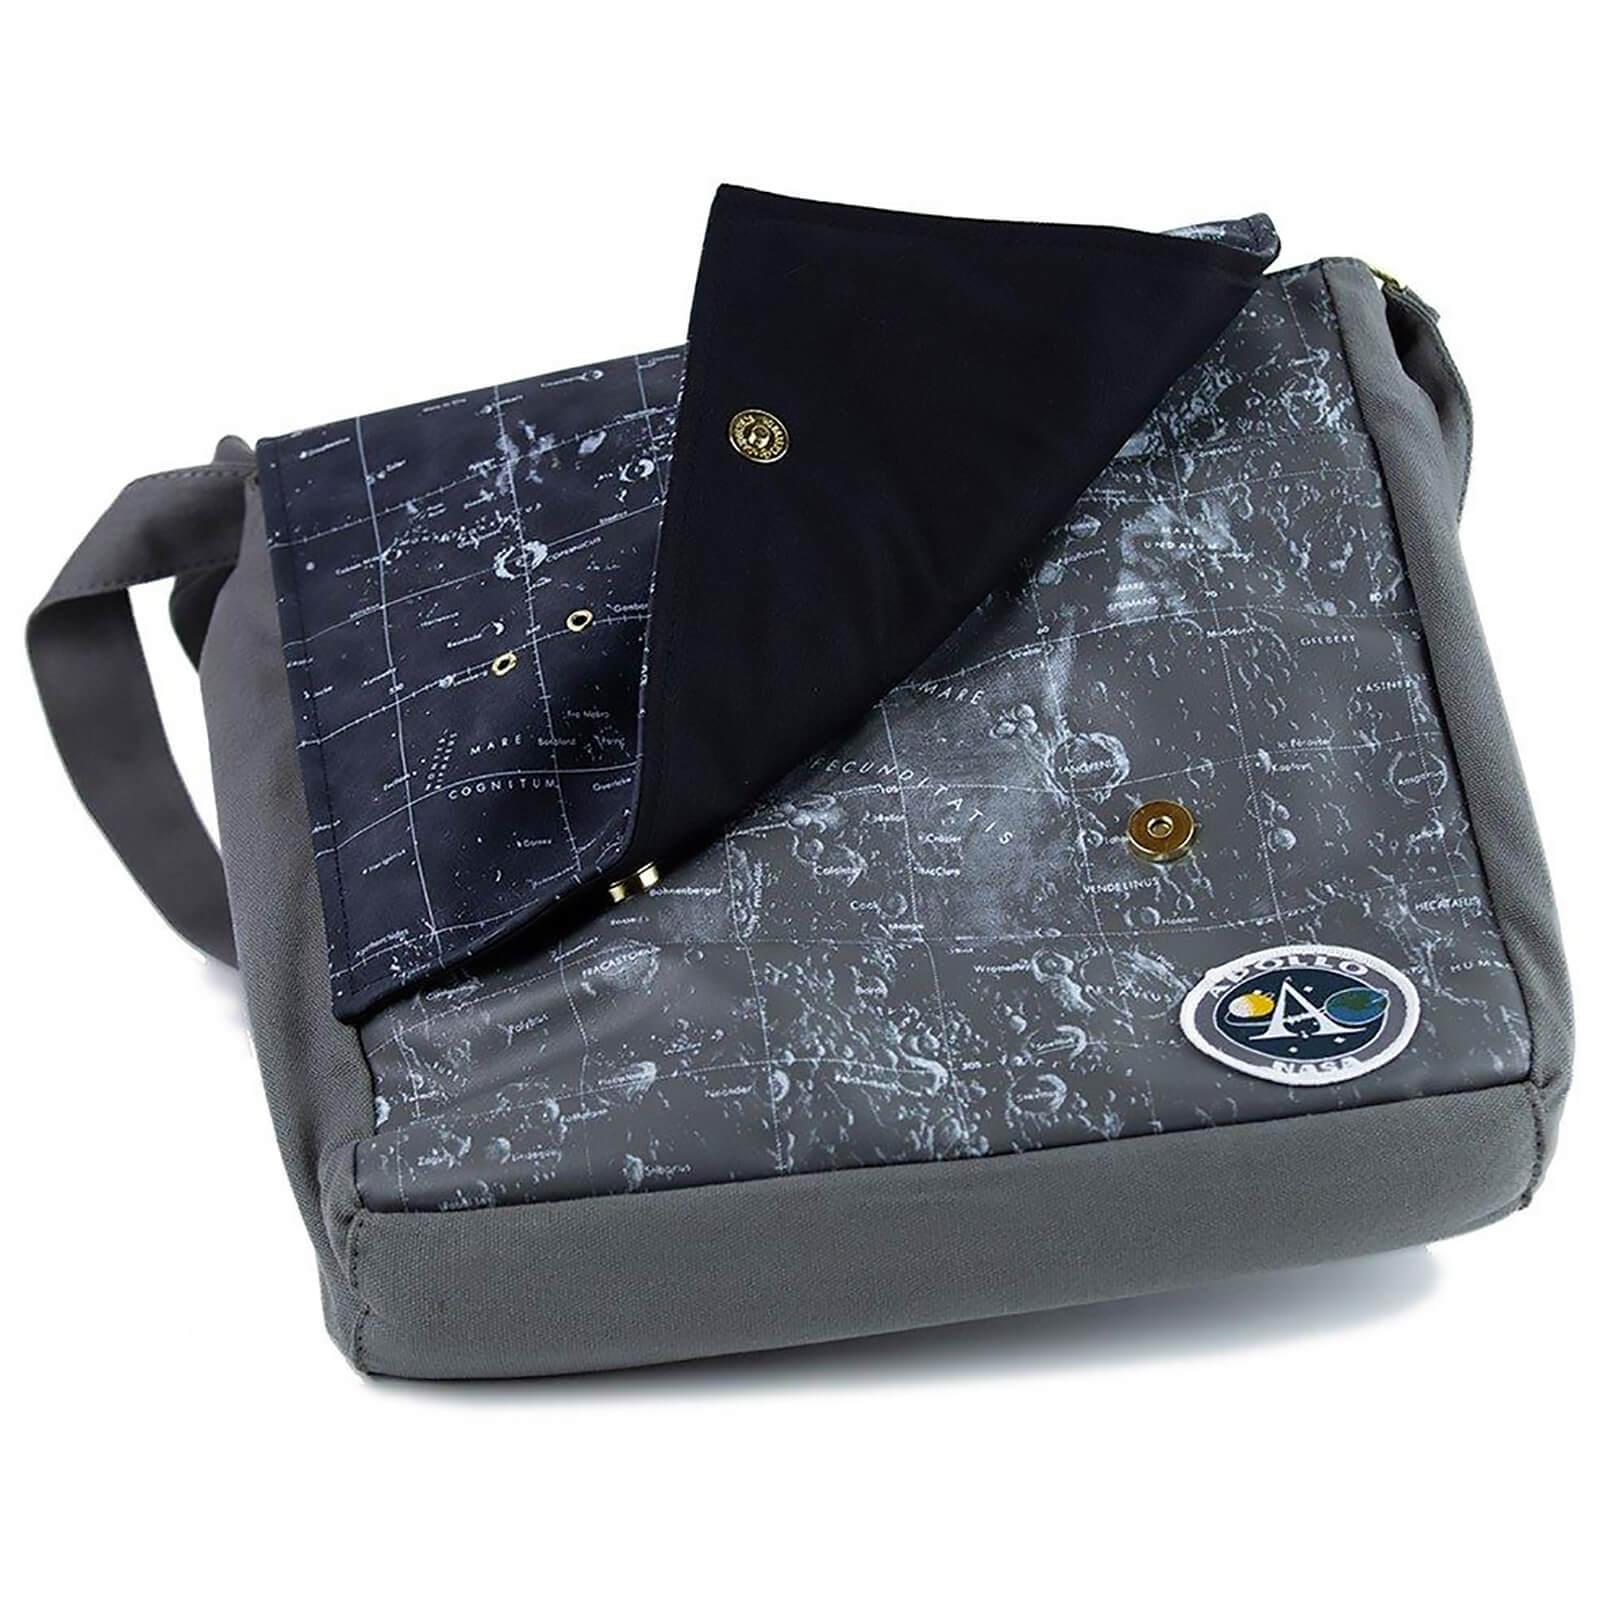 Coop NASA Apollo Mini Messenger Bag